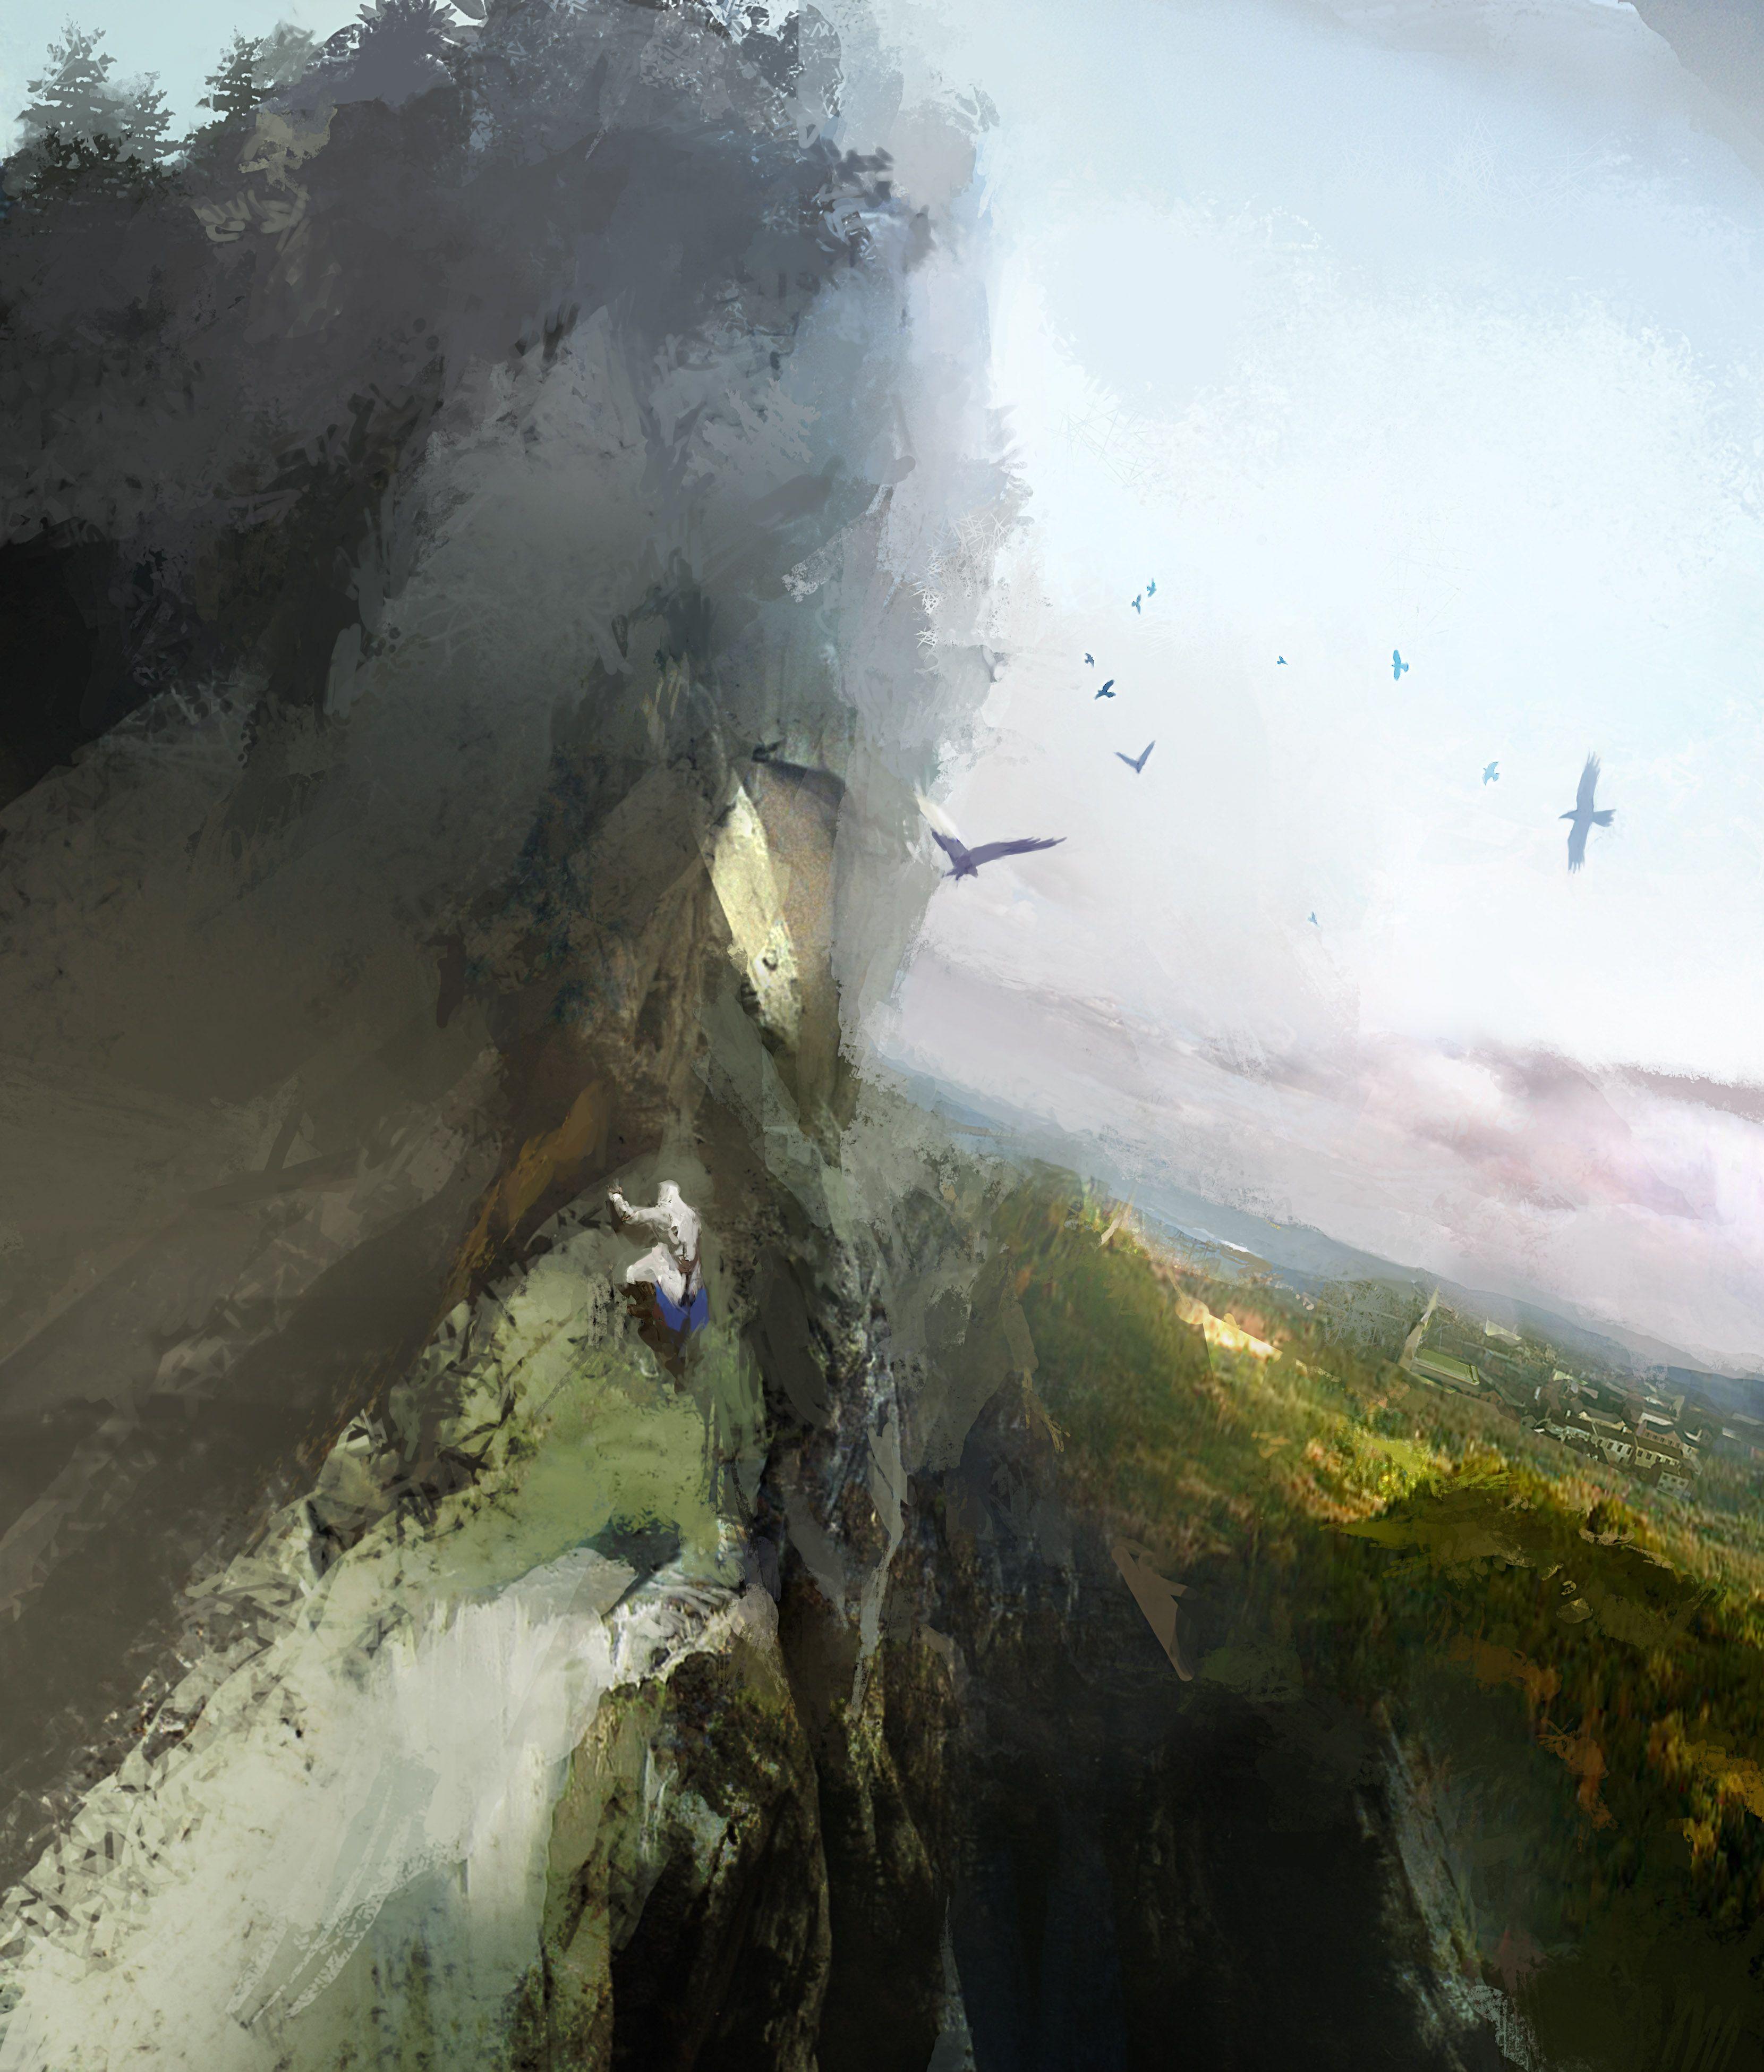 Climbing the Mountain | Video Games Artwork